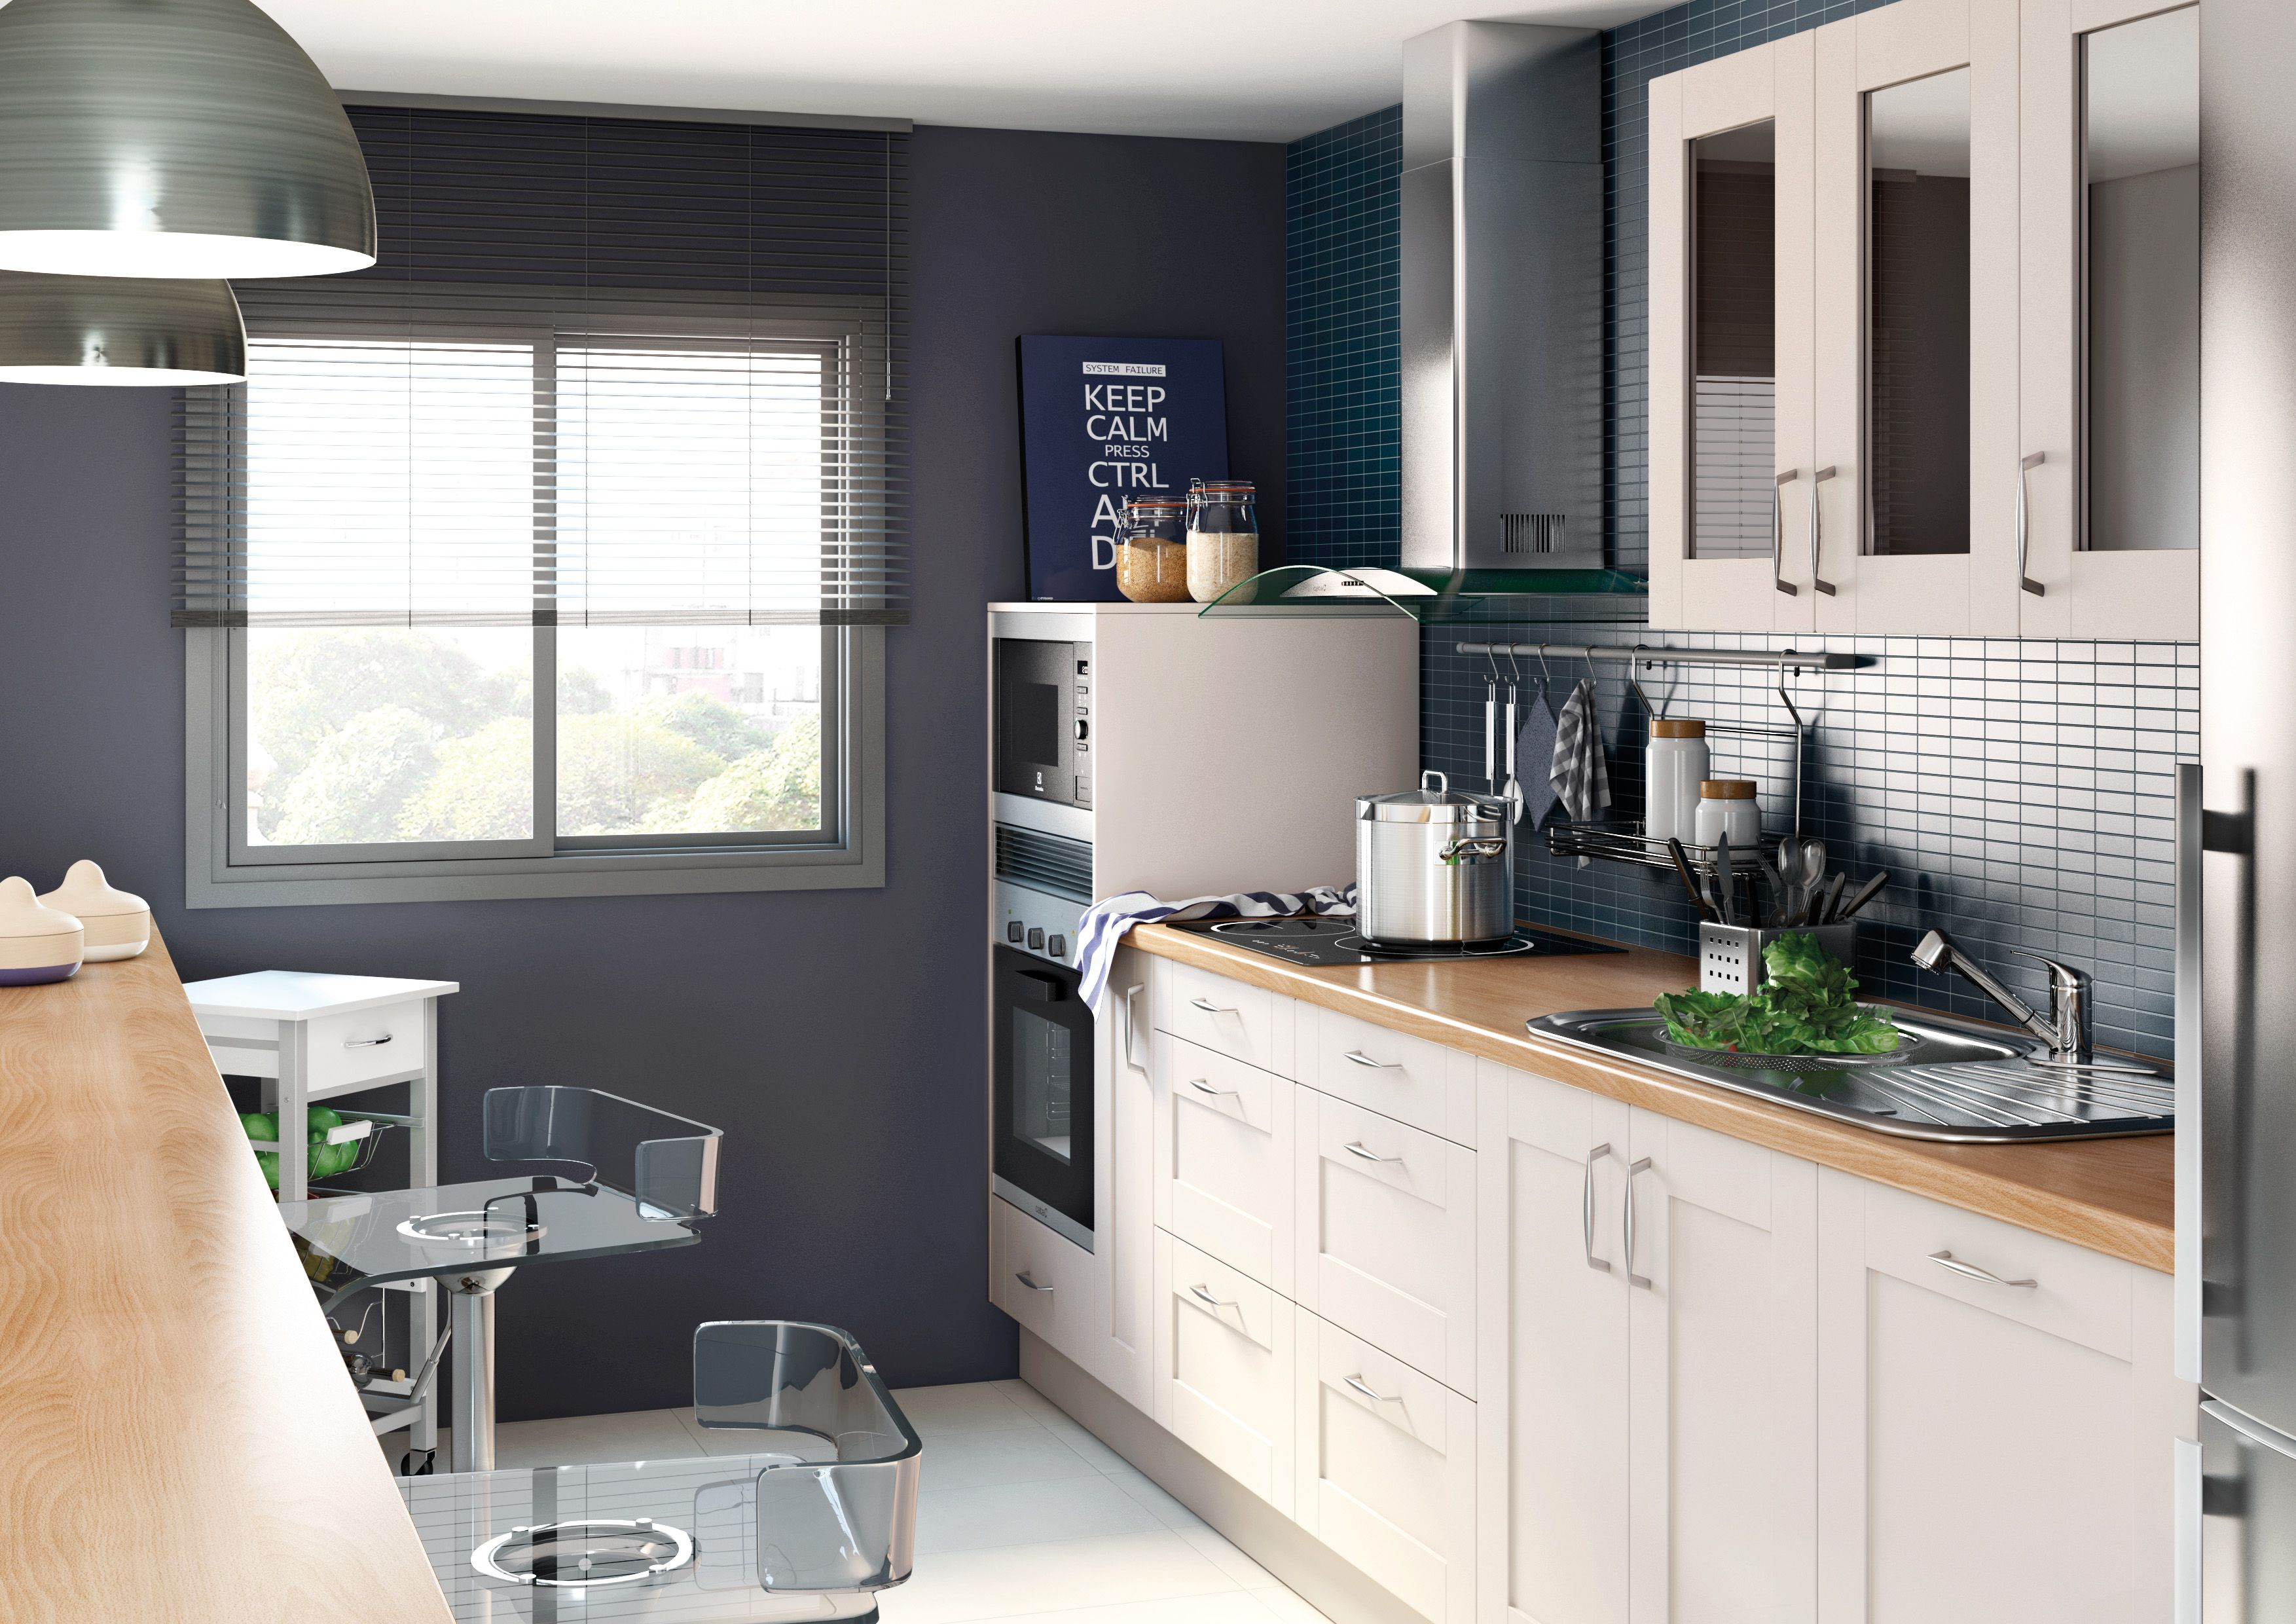 Encuentra Tu Cocina Ideal Leroy Merlin Muebles De Cocina Cocinas Leroy Merlin Cama Ikea